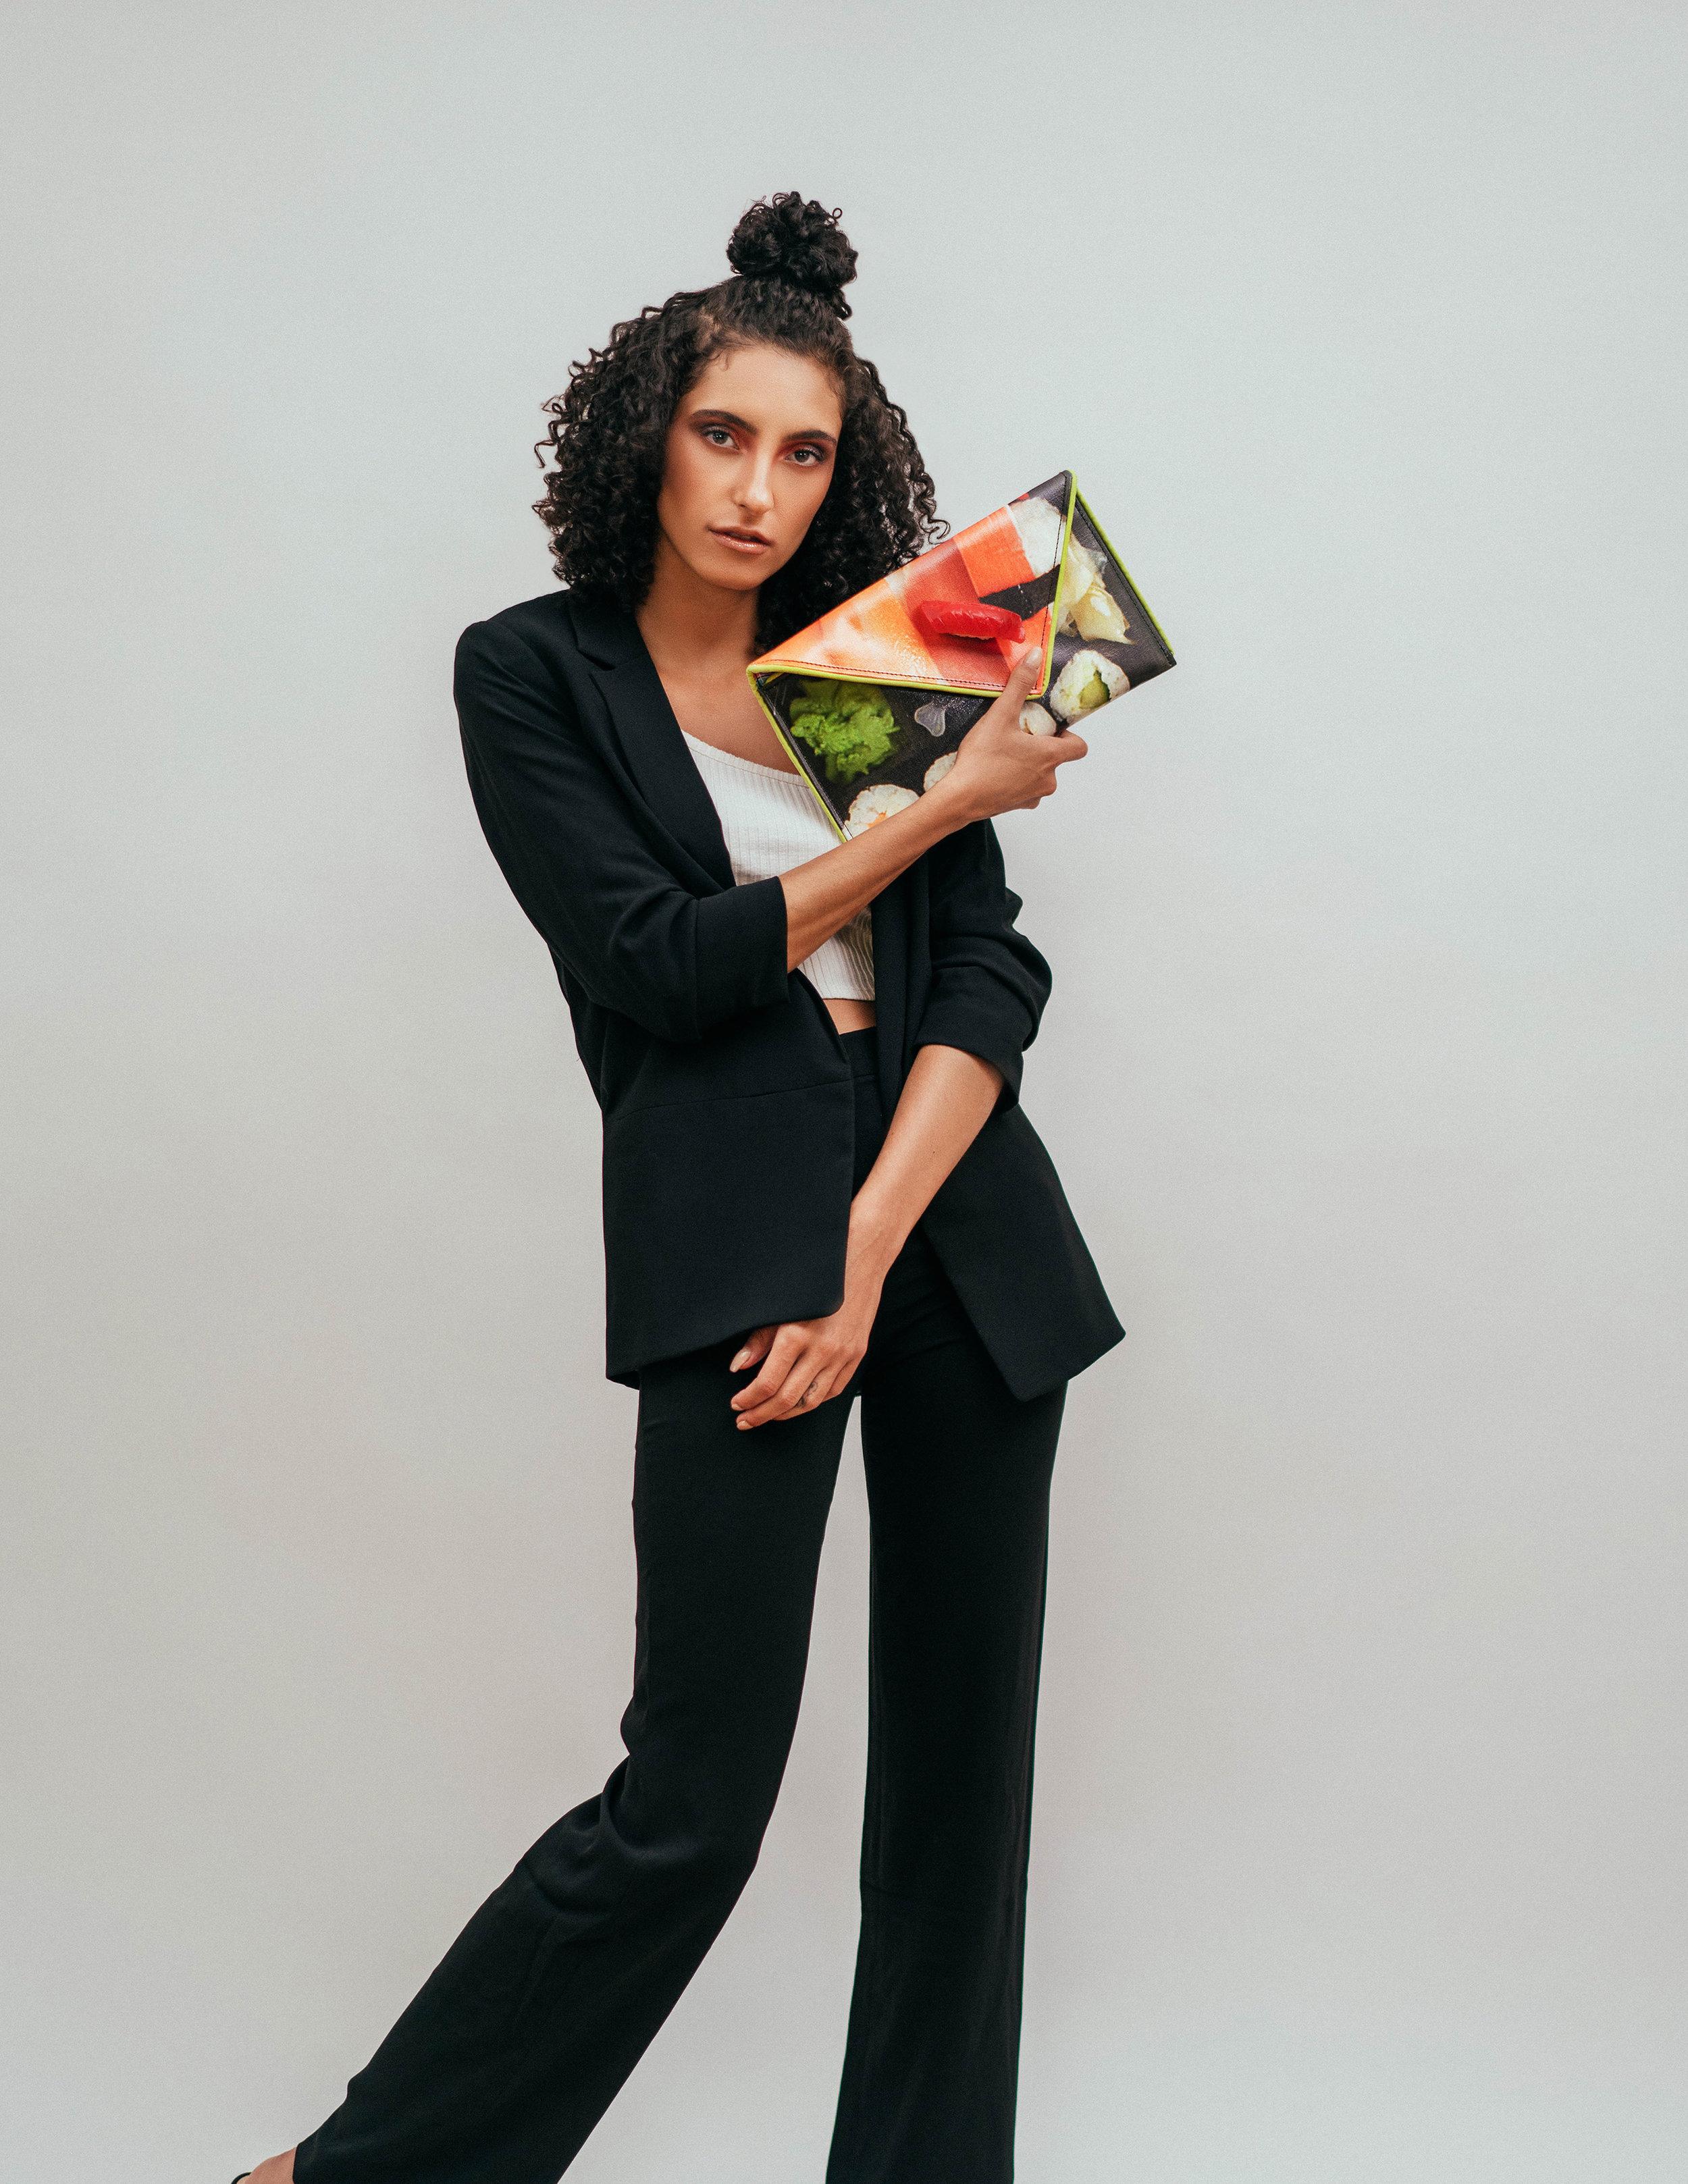 Suit: Zara, Top: Asos, Handbag: Kent Stetson